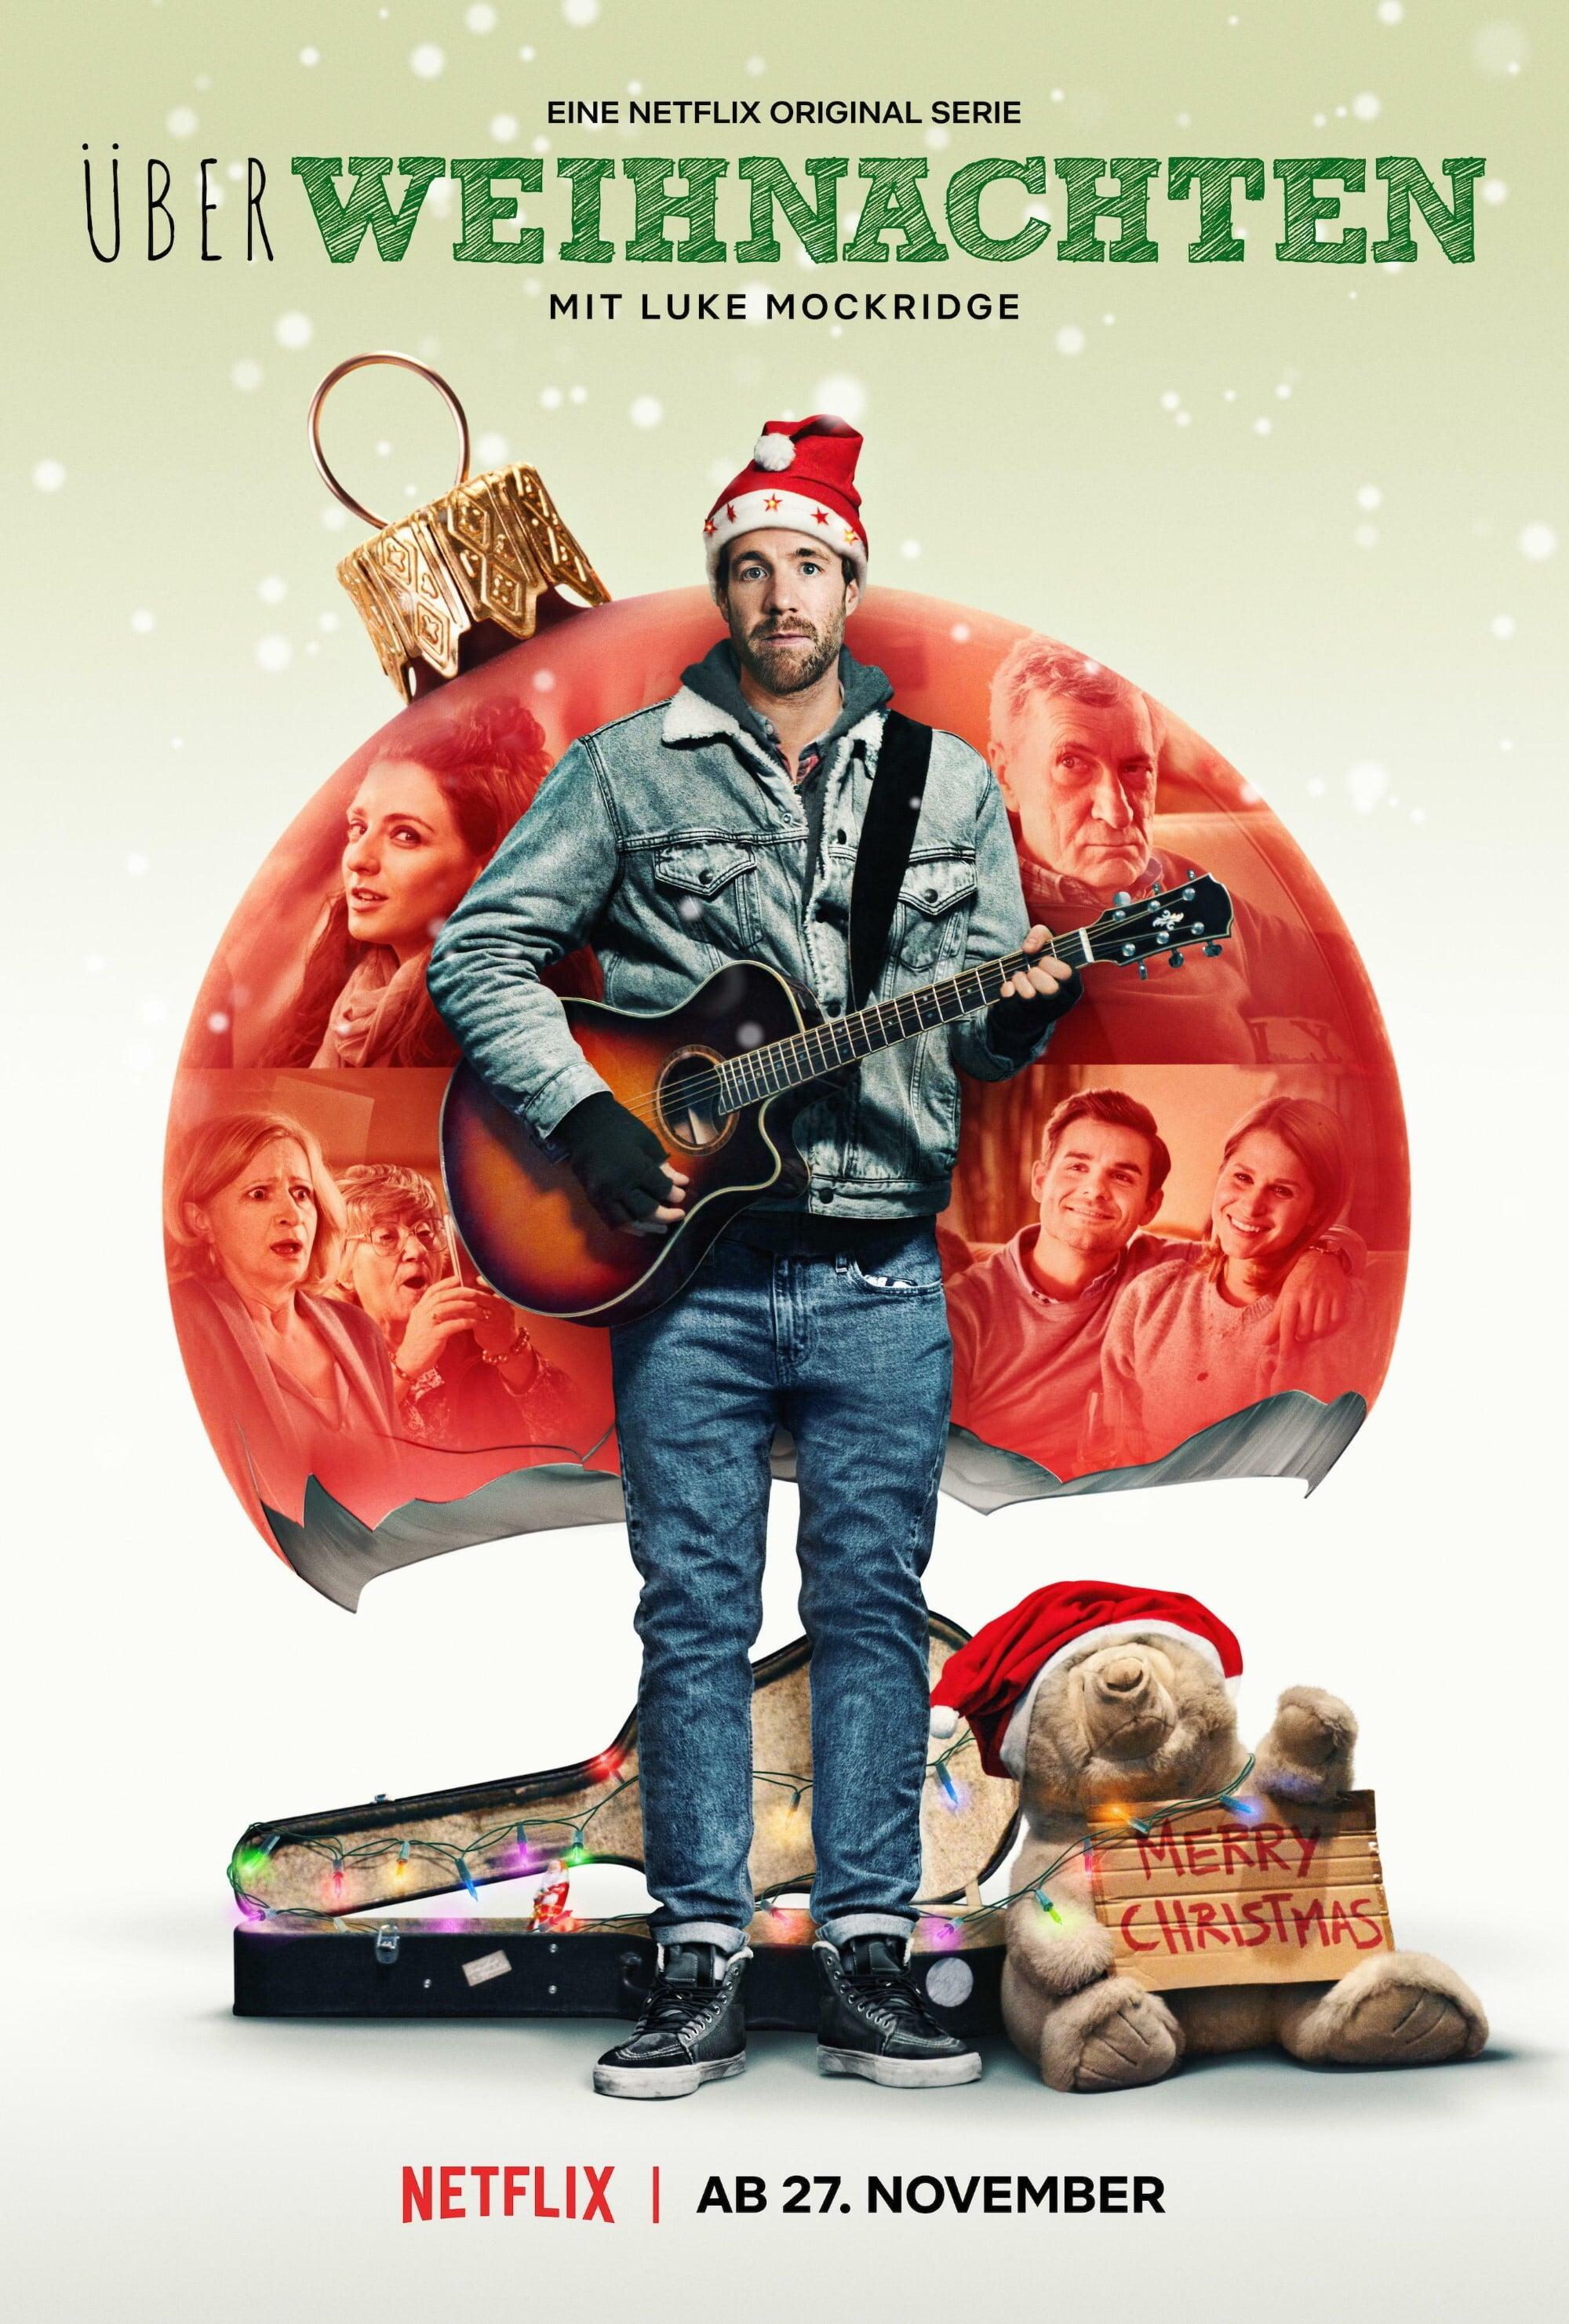 我的疯狂圣诞 7 Kilo in 3 Tagen (2020) Netflix 中文字幕